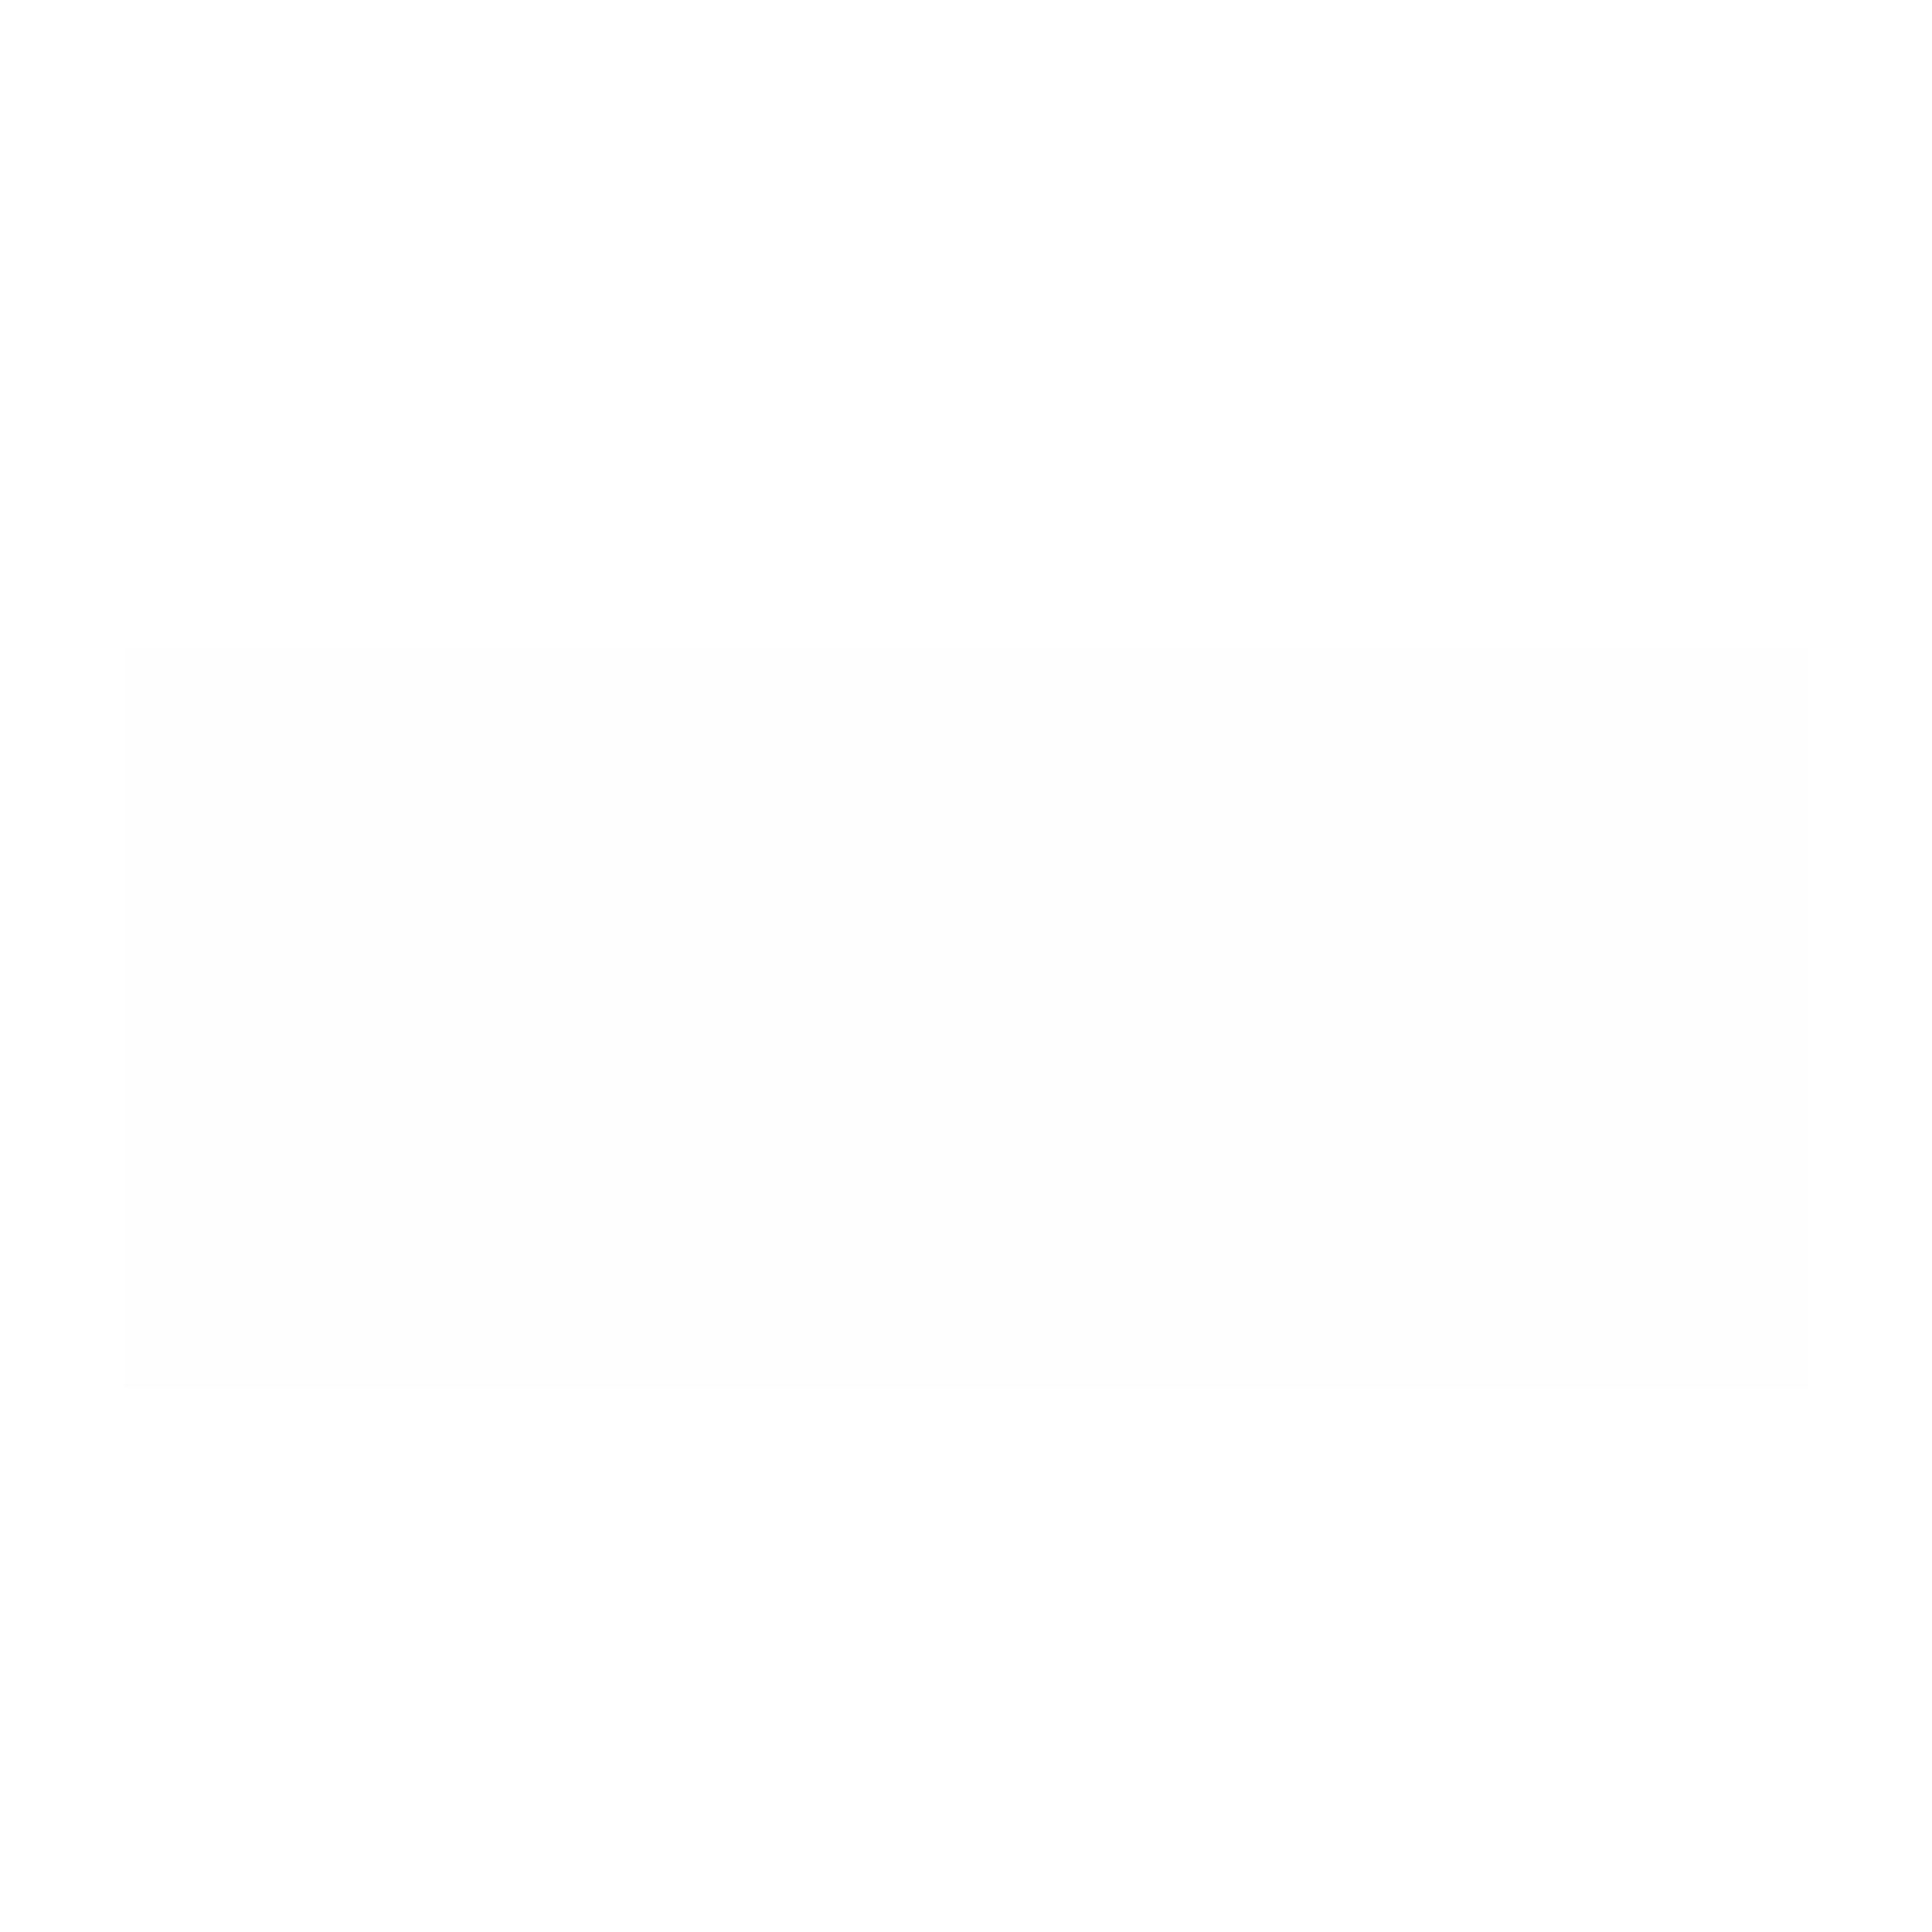 Float & Follow Master Logo Transparent.png